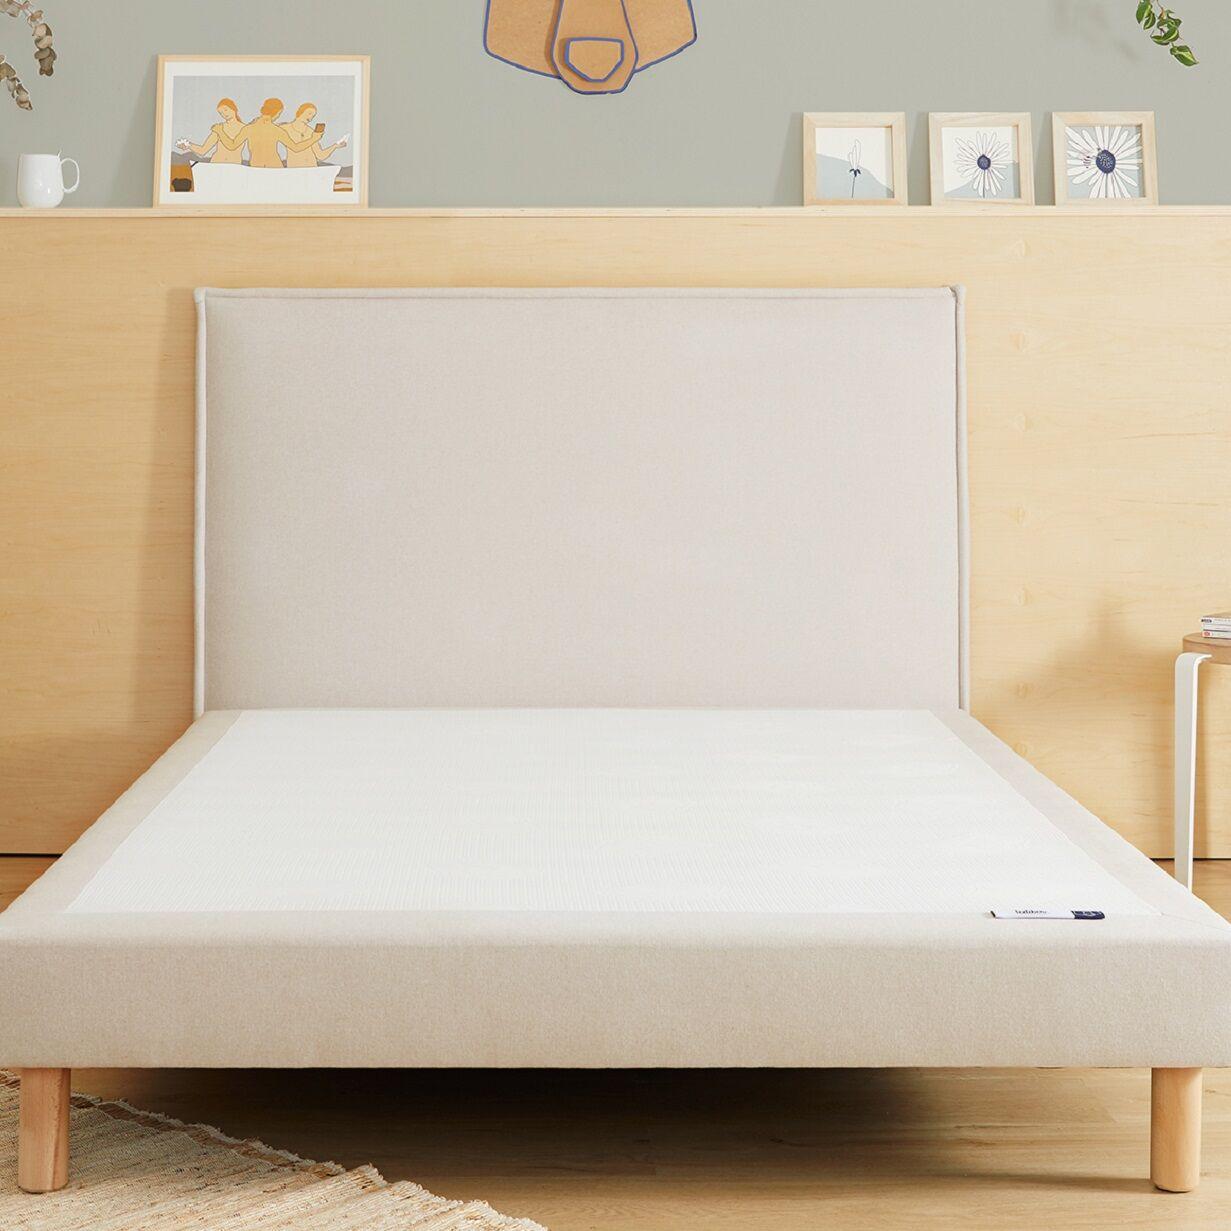 Tediber - L'incroyable Tête de Lit en tissu beige -Livraison et retours gratuits - 100 nuits d'essai - Marque française